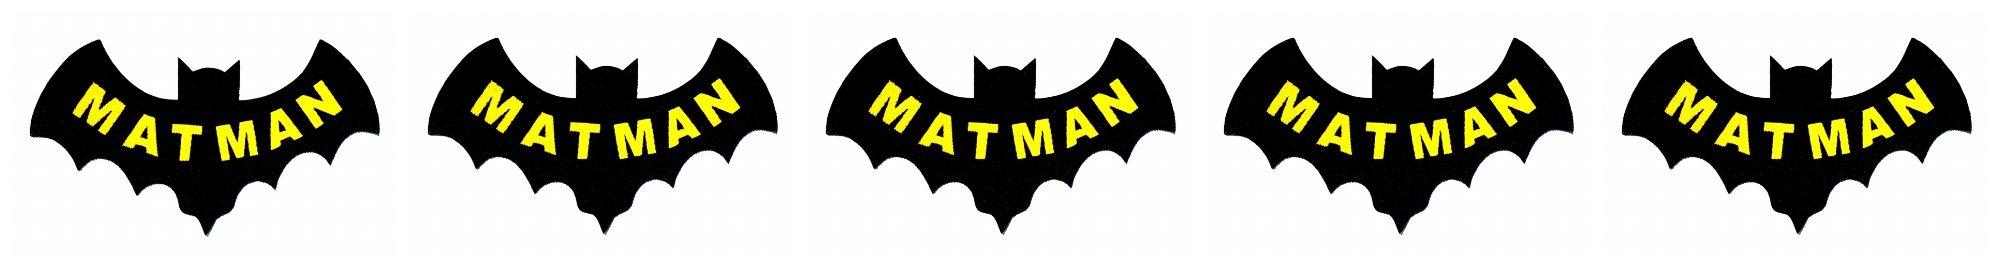 Welcome to   MATMAN MATS